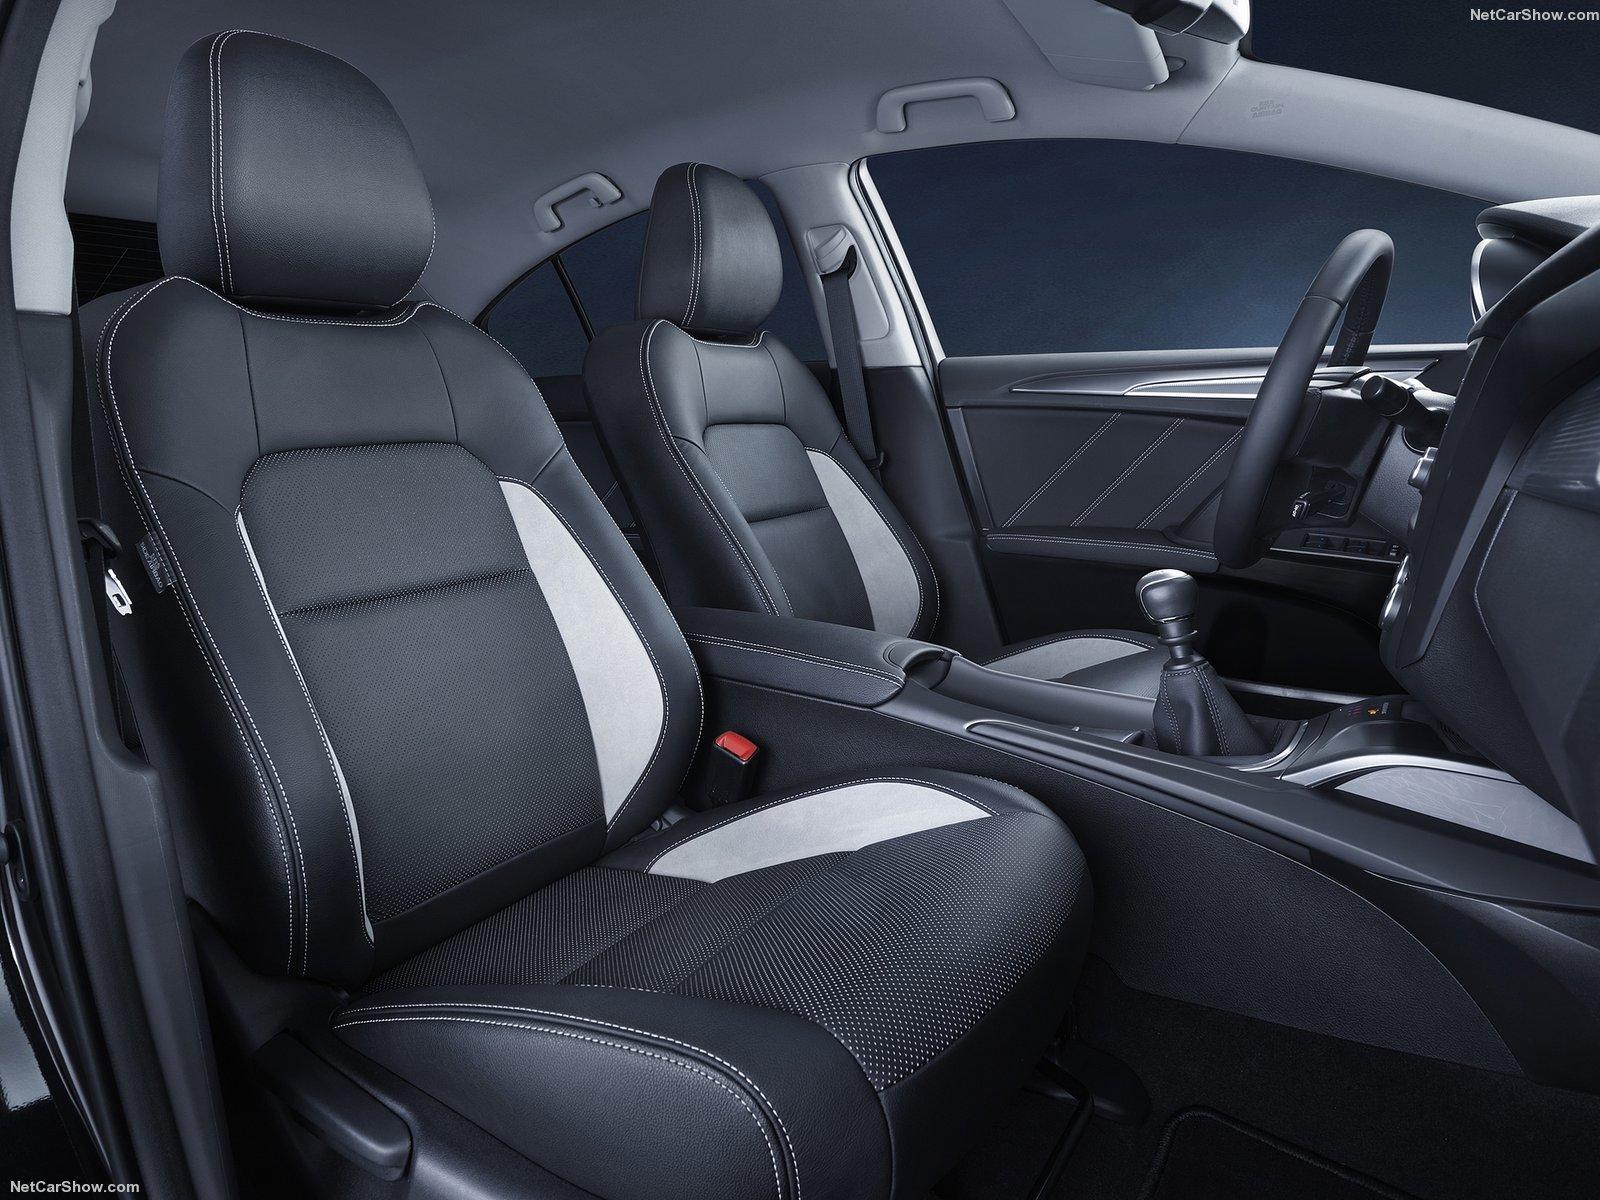 Hình ảnh xe ô tô Toyota Avensis 2016 & nội ngoại thất